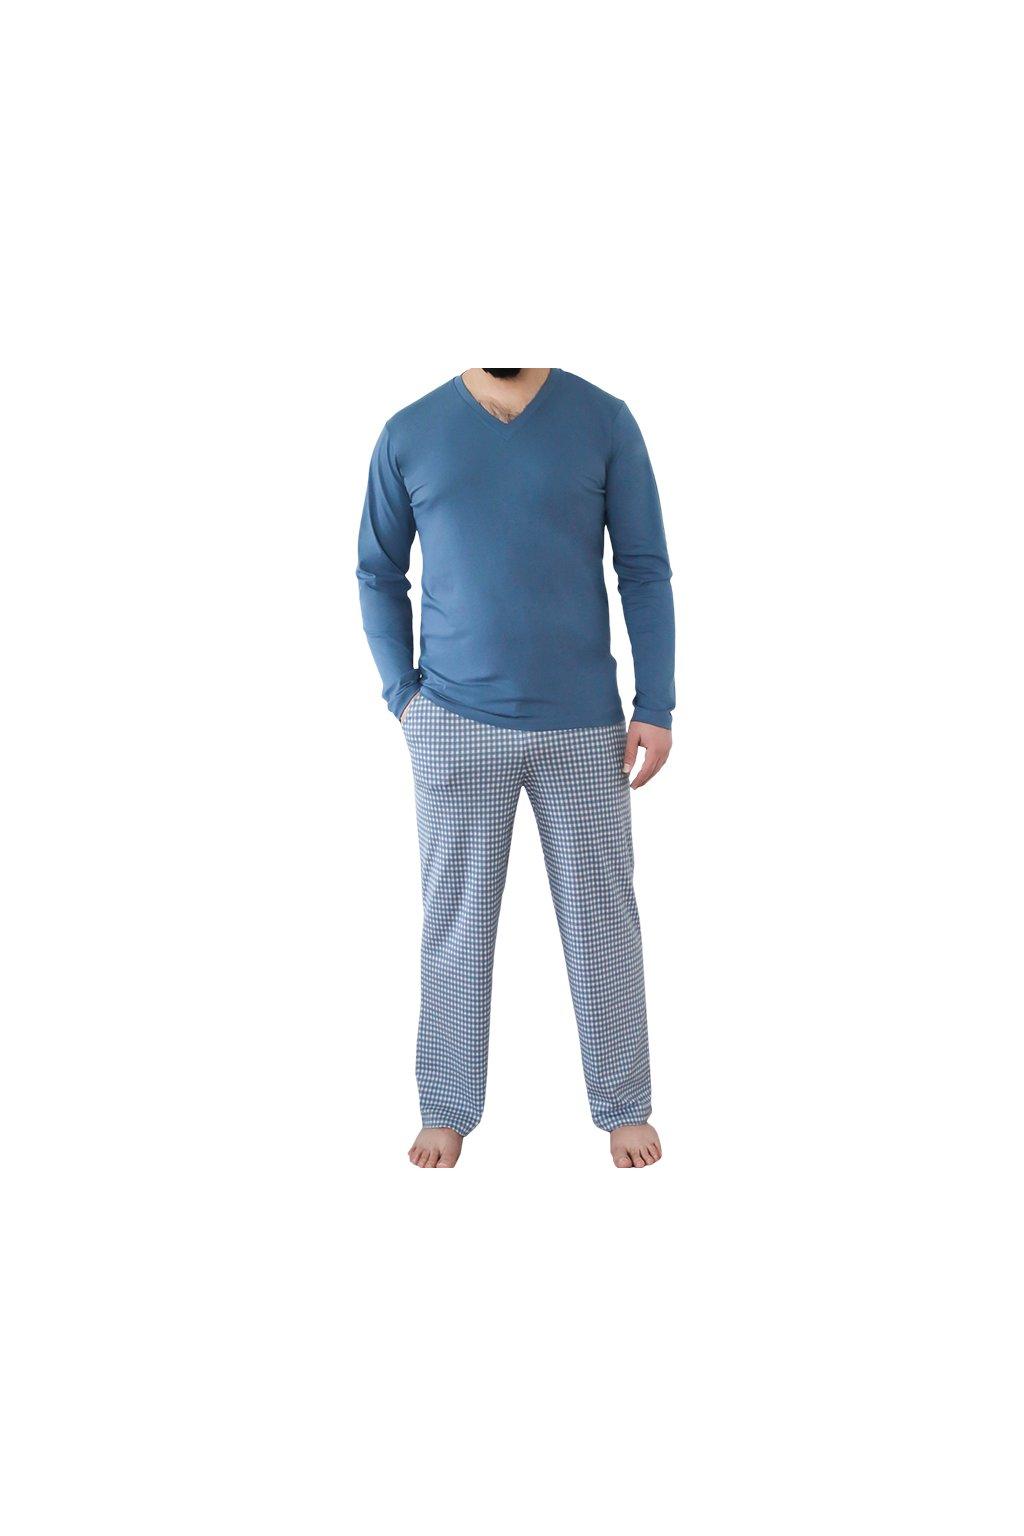 Pánské pyžamové kalhoty z biobavlny - modré (Velikost L)